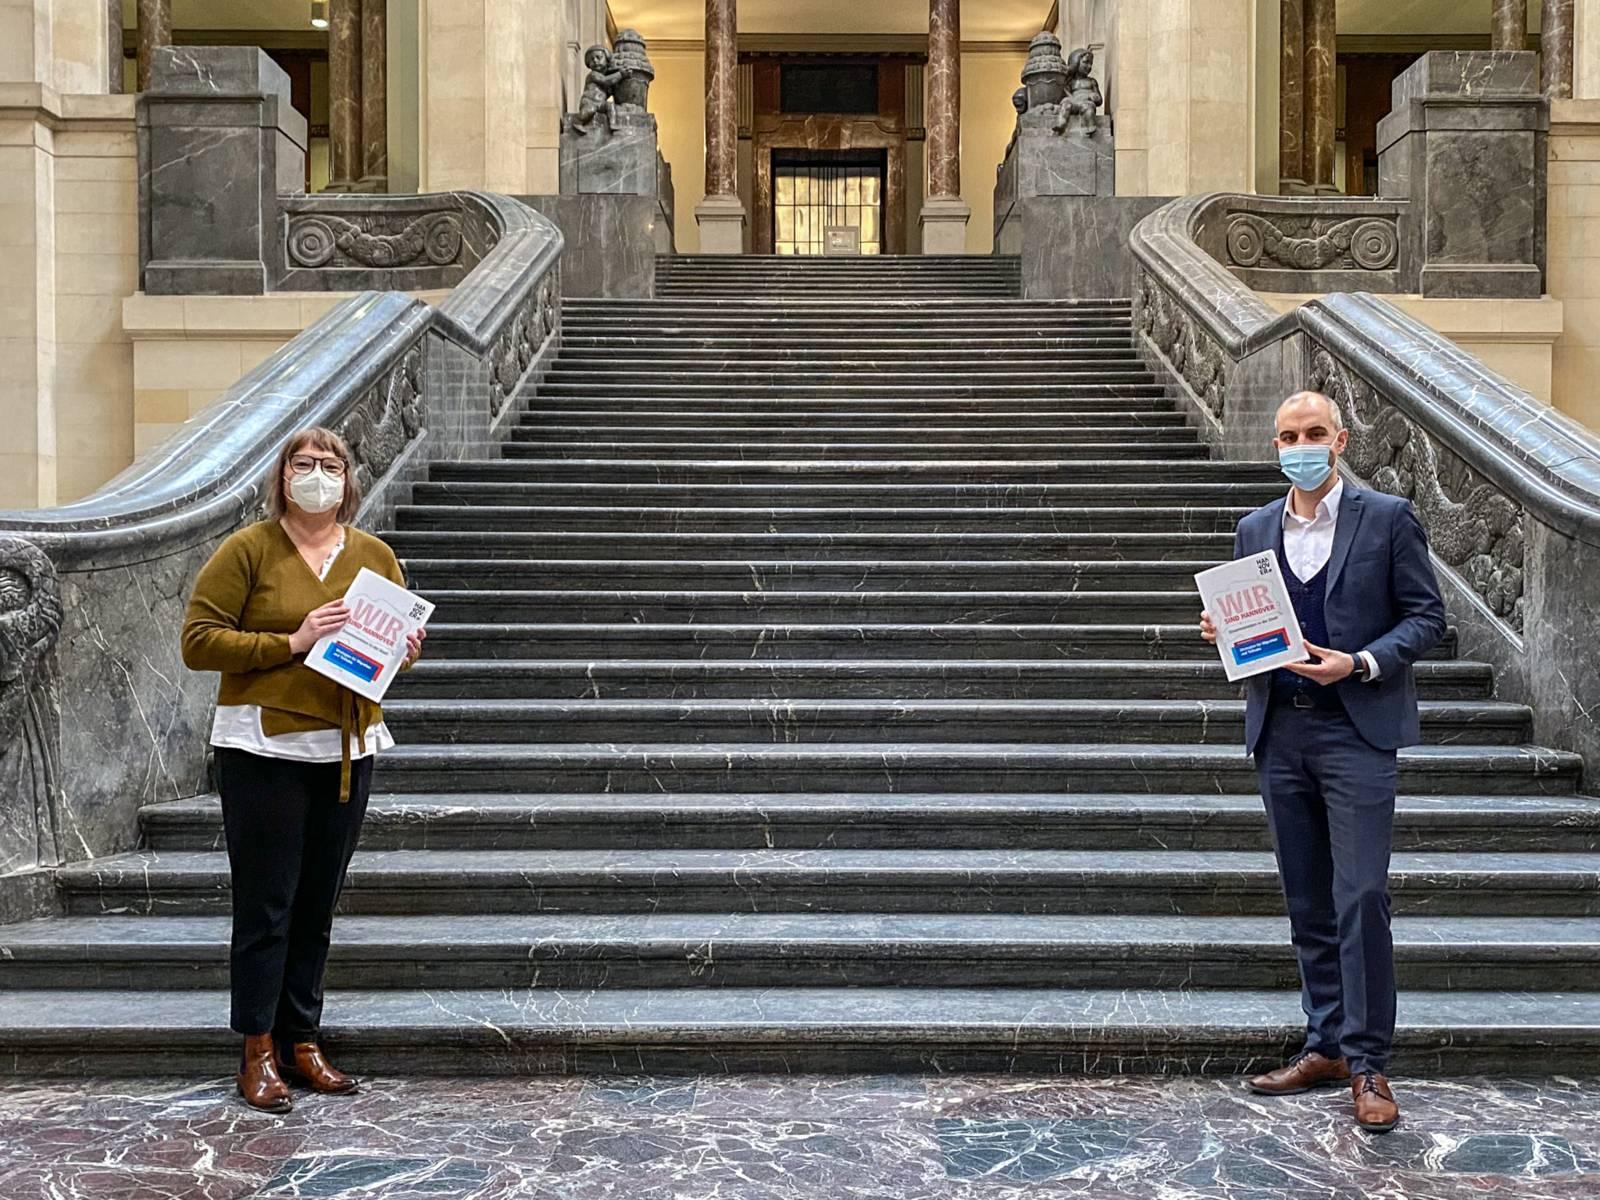 """Sozialdezernentin Sylvia Bruns und Oberbürgermeister Belit Onay vor der Treppe im Neuen Rathaus. Sie tragen einen Mund-Nasen-Schutz, halten Abstand und in ihren Händen das Dokument """"Wir sind Hannover""""."""